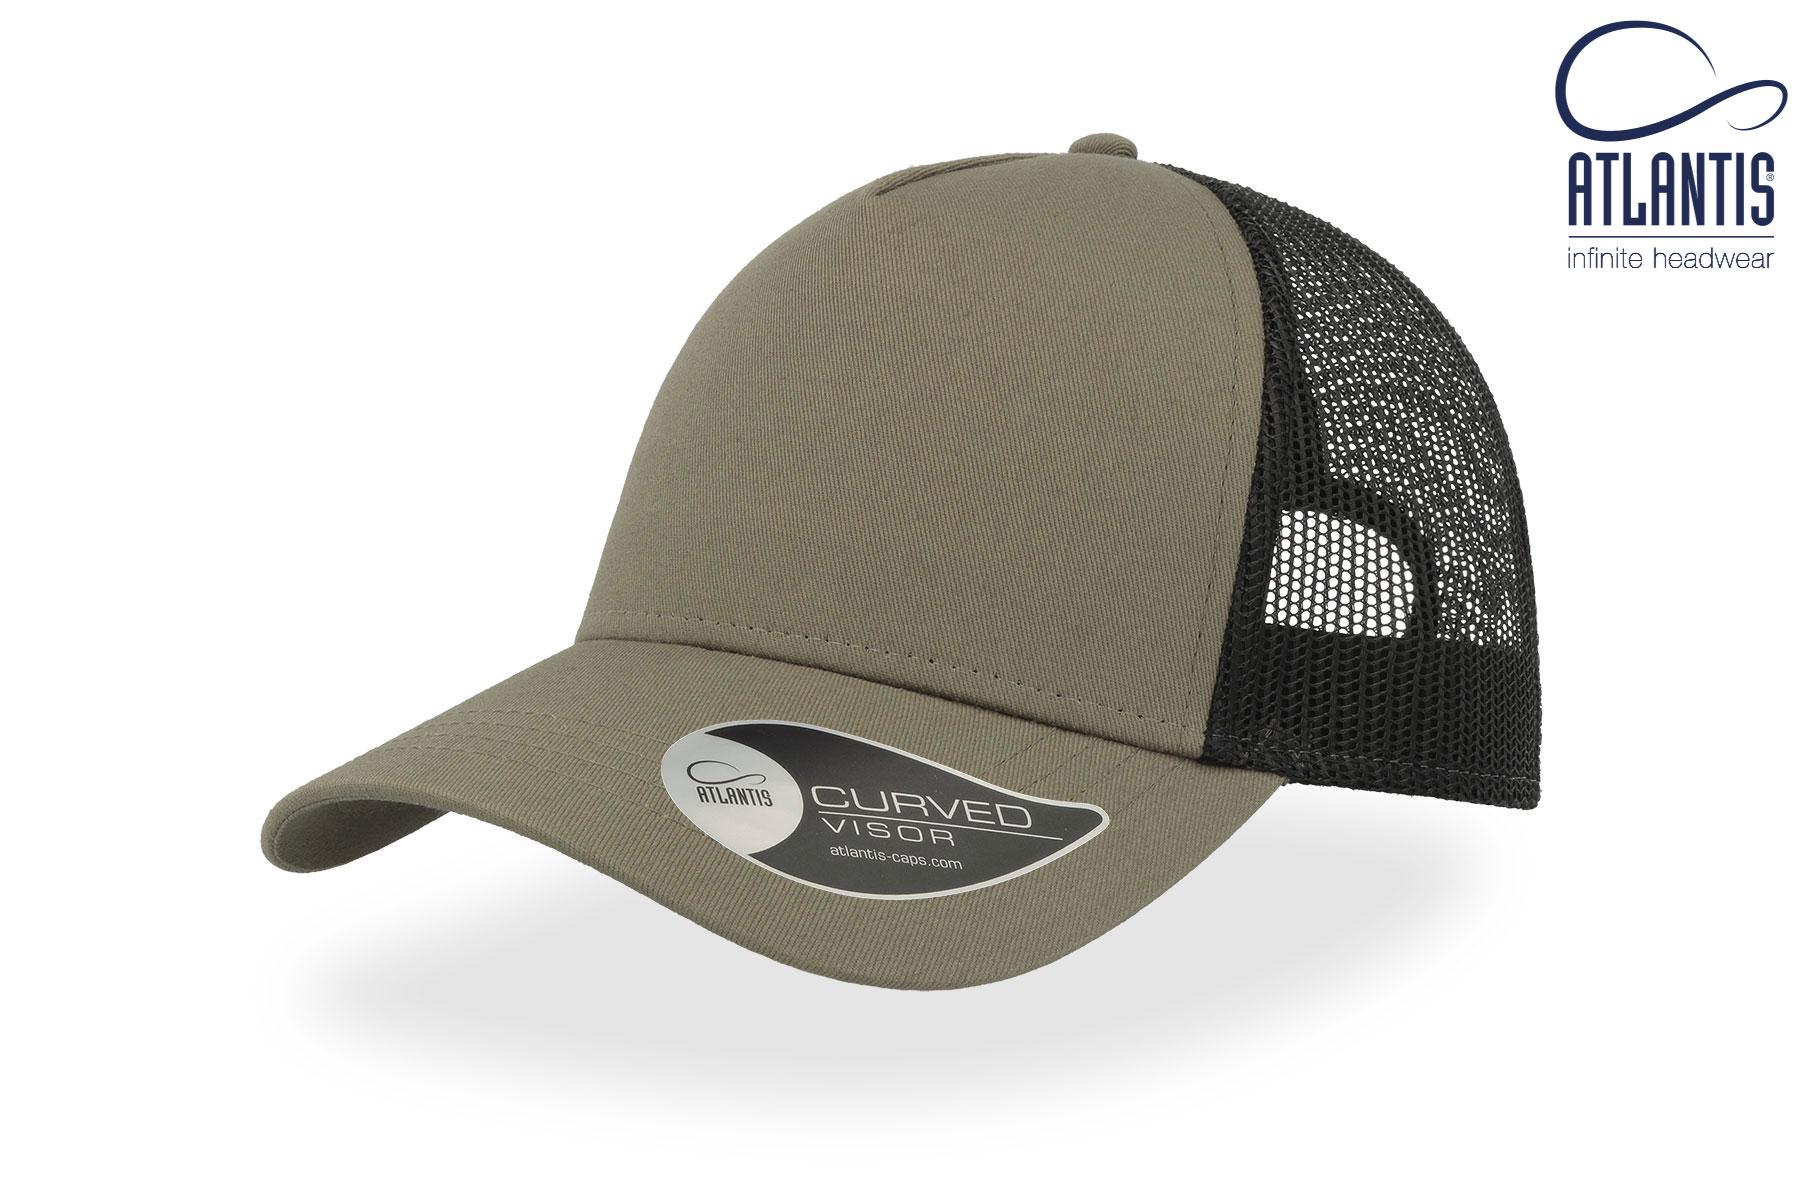 broderie logo sur casquette trucker